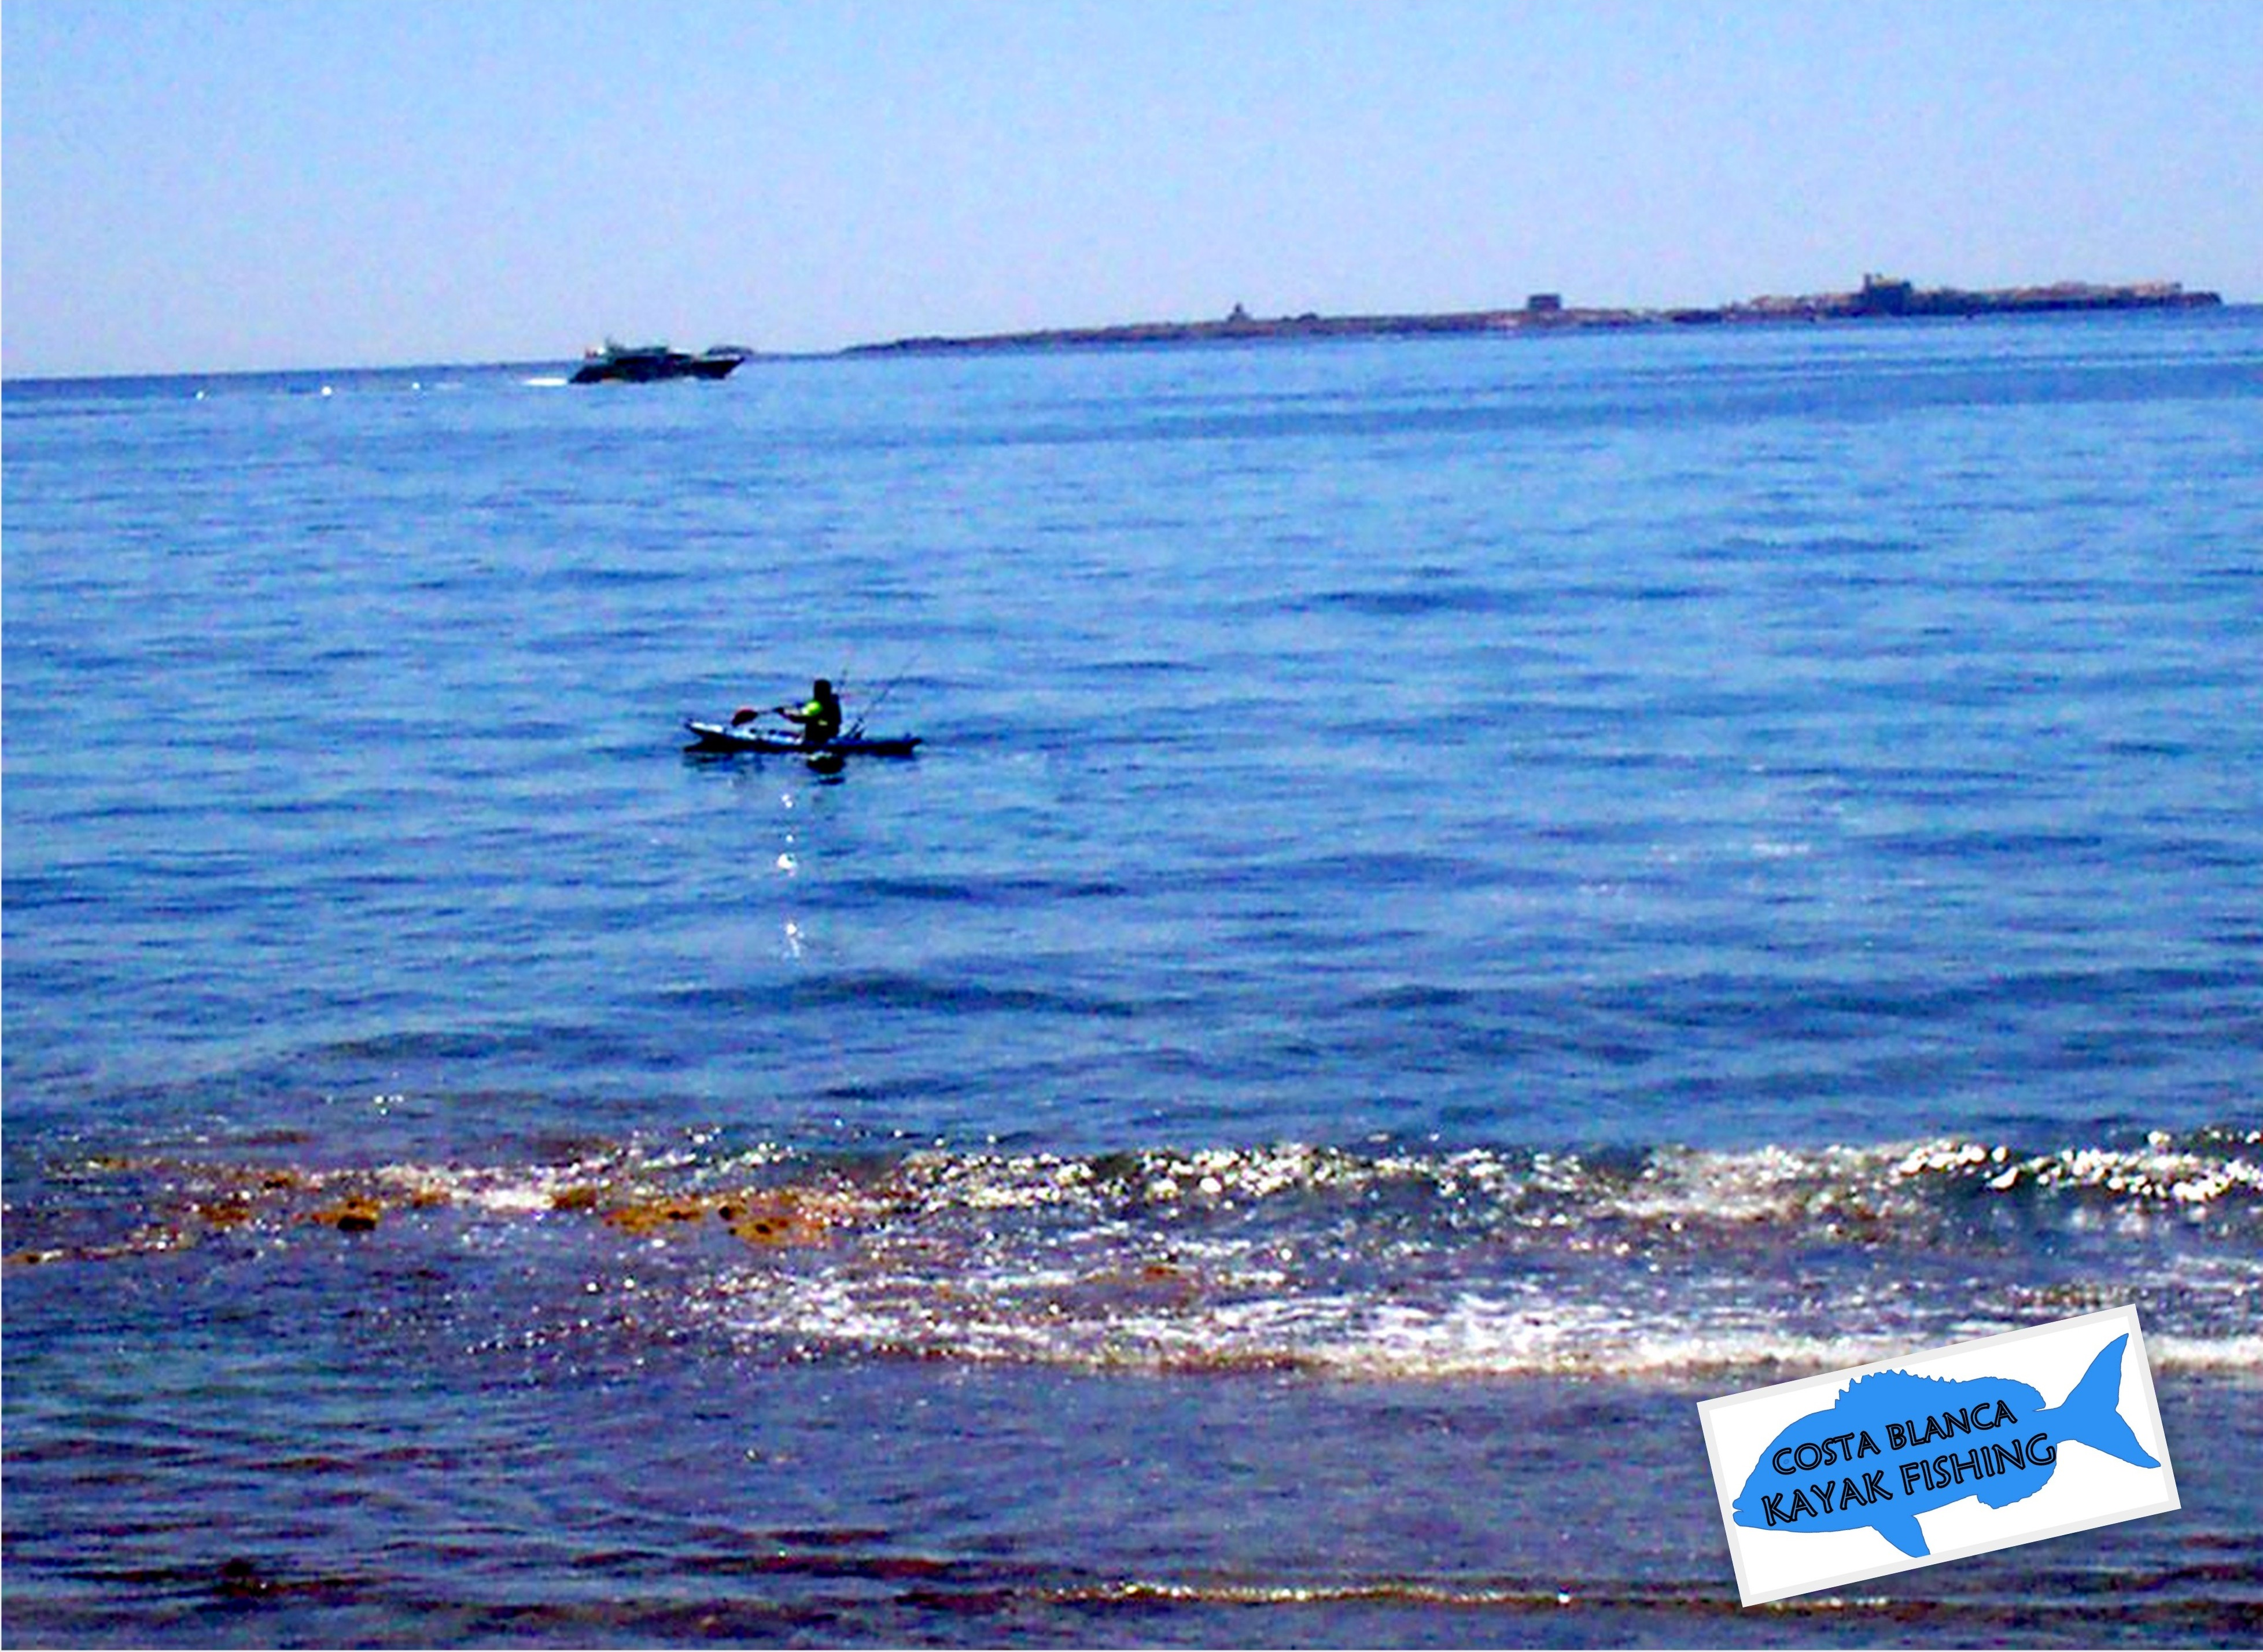 Disfrutando con la pesca con kayak